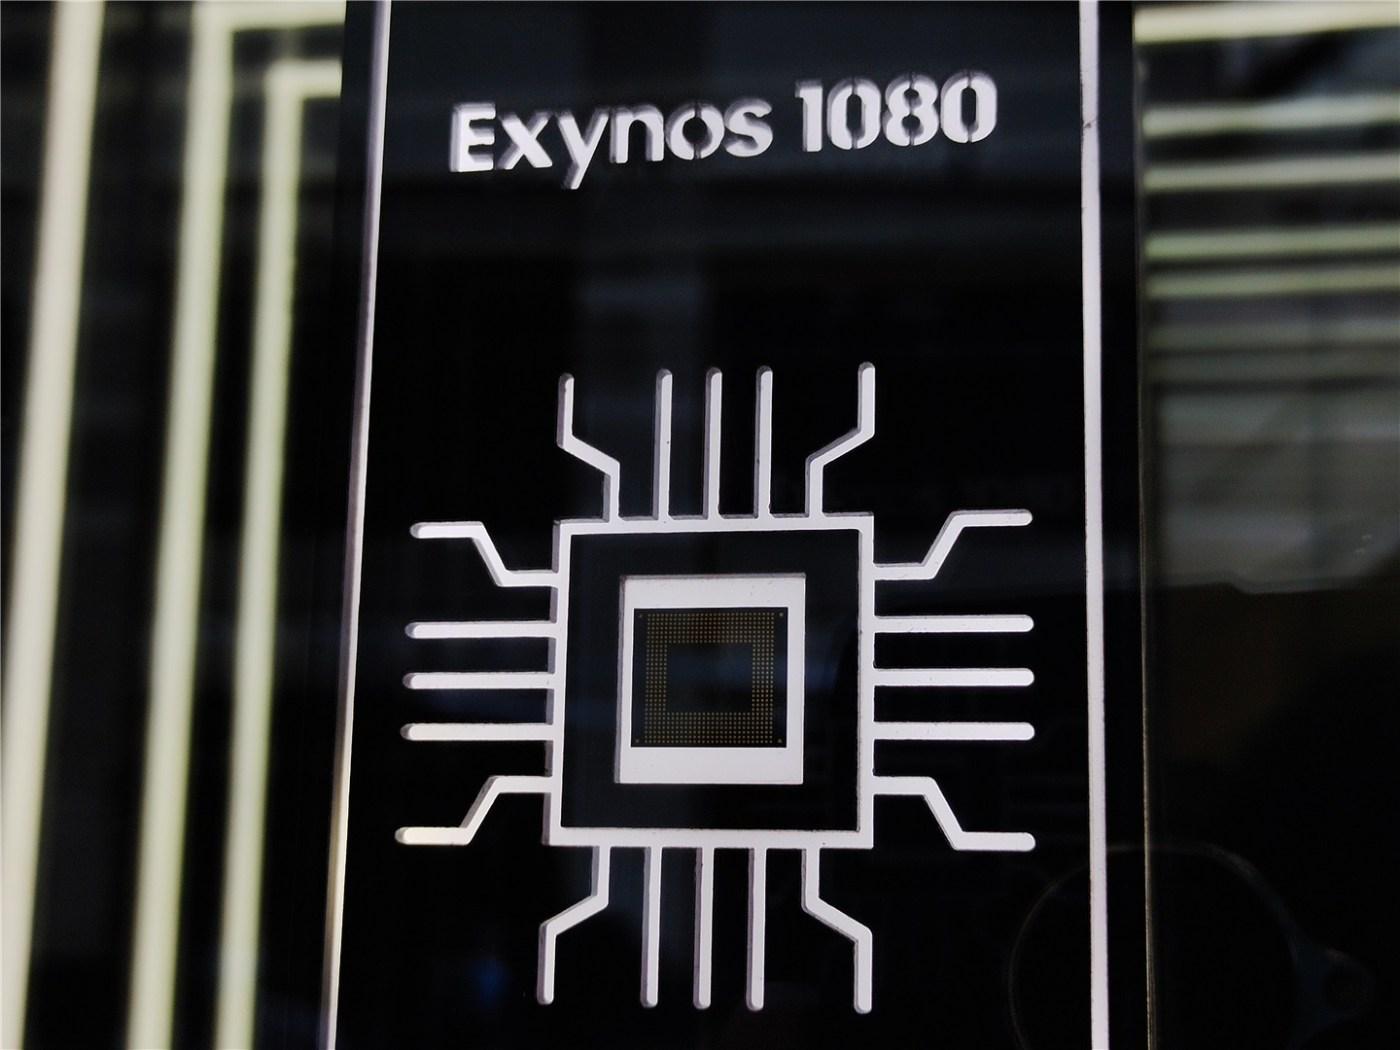 Exynos 1080